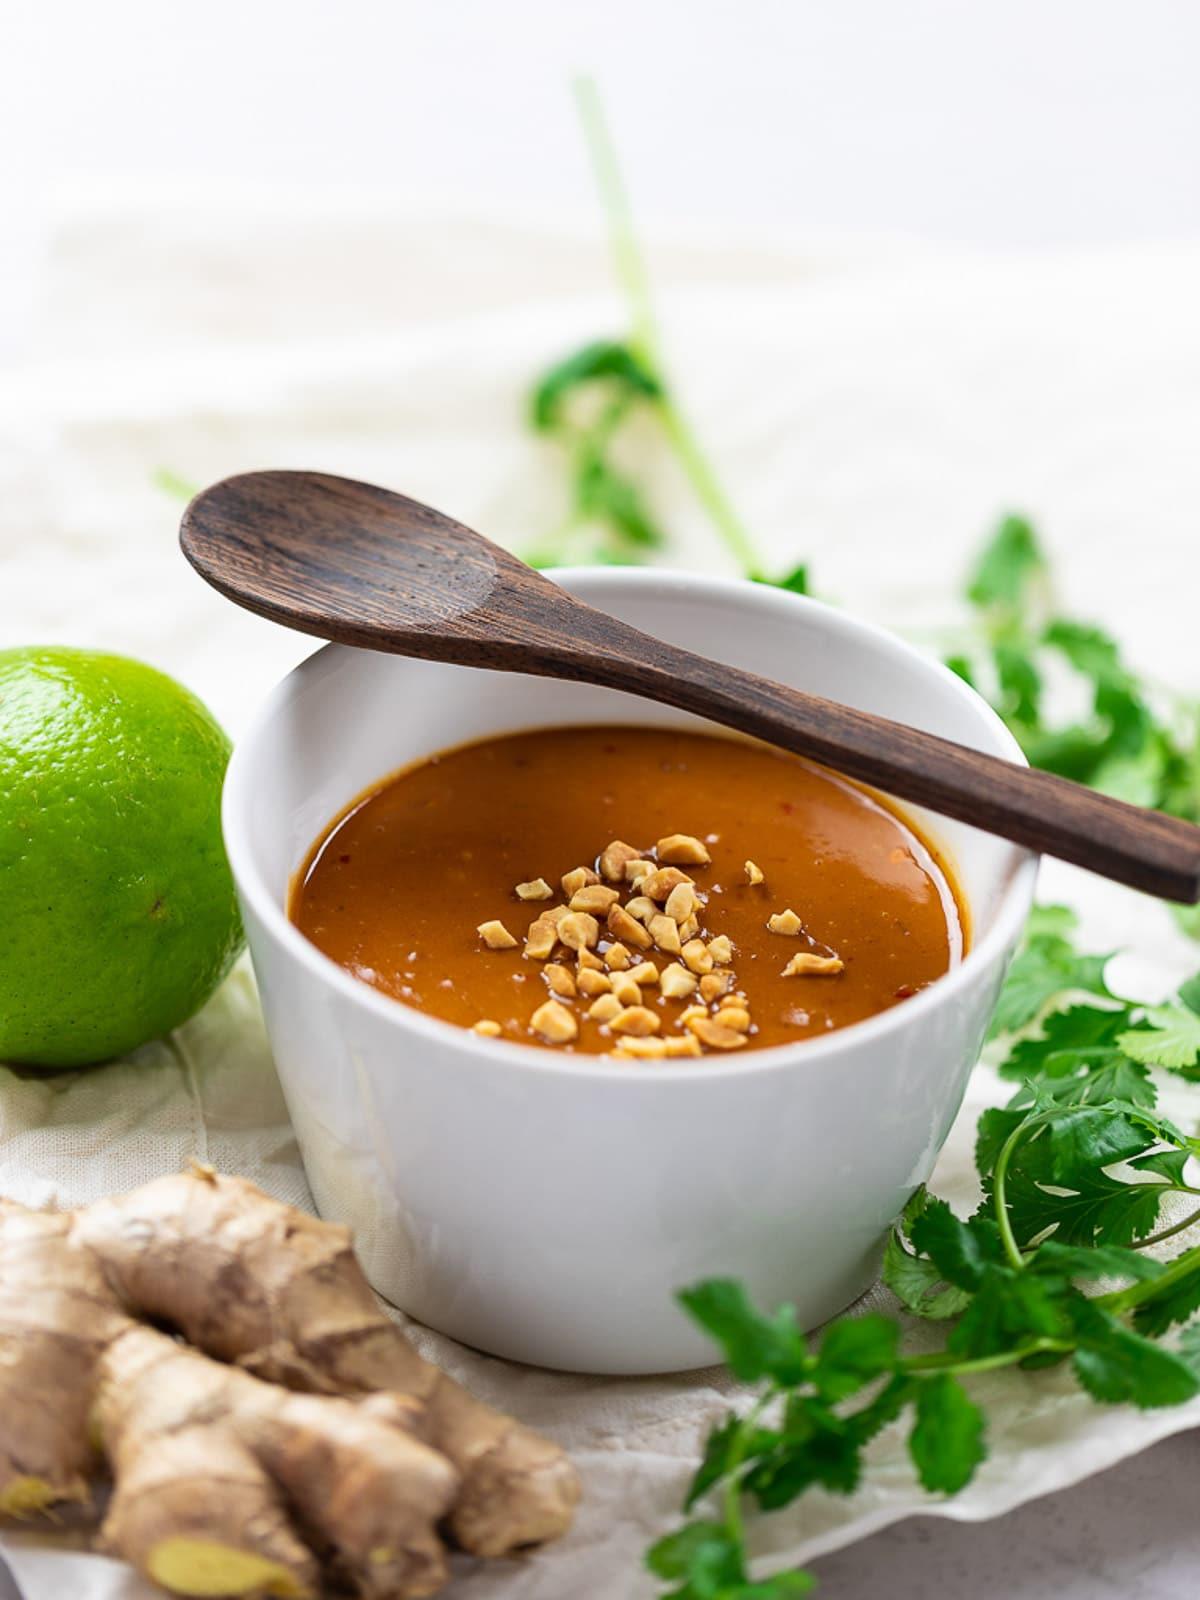 5 Minute Thai Peanut Sauce Recipe Drive Me Hungry